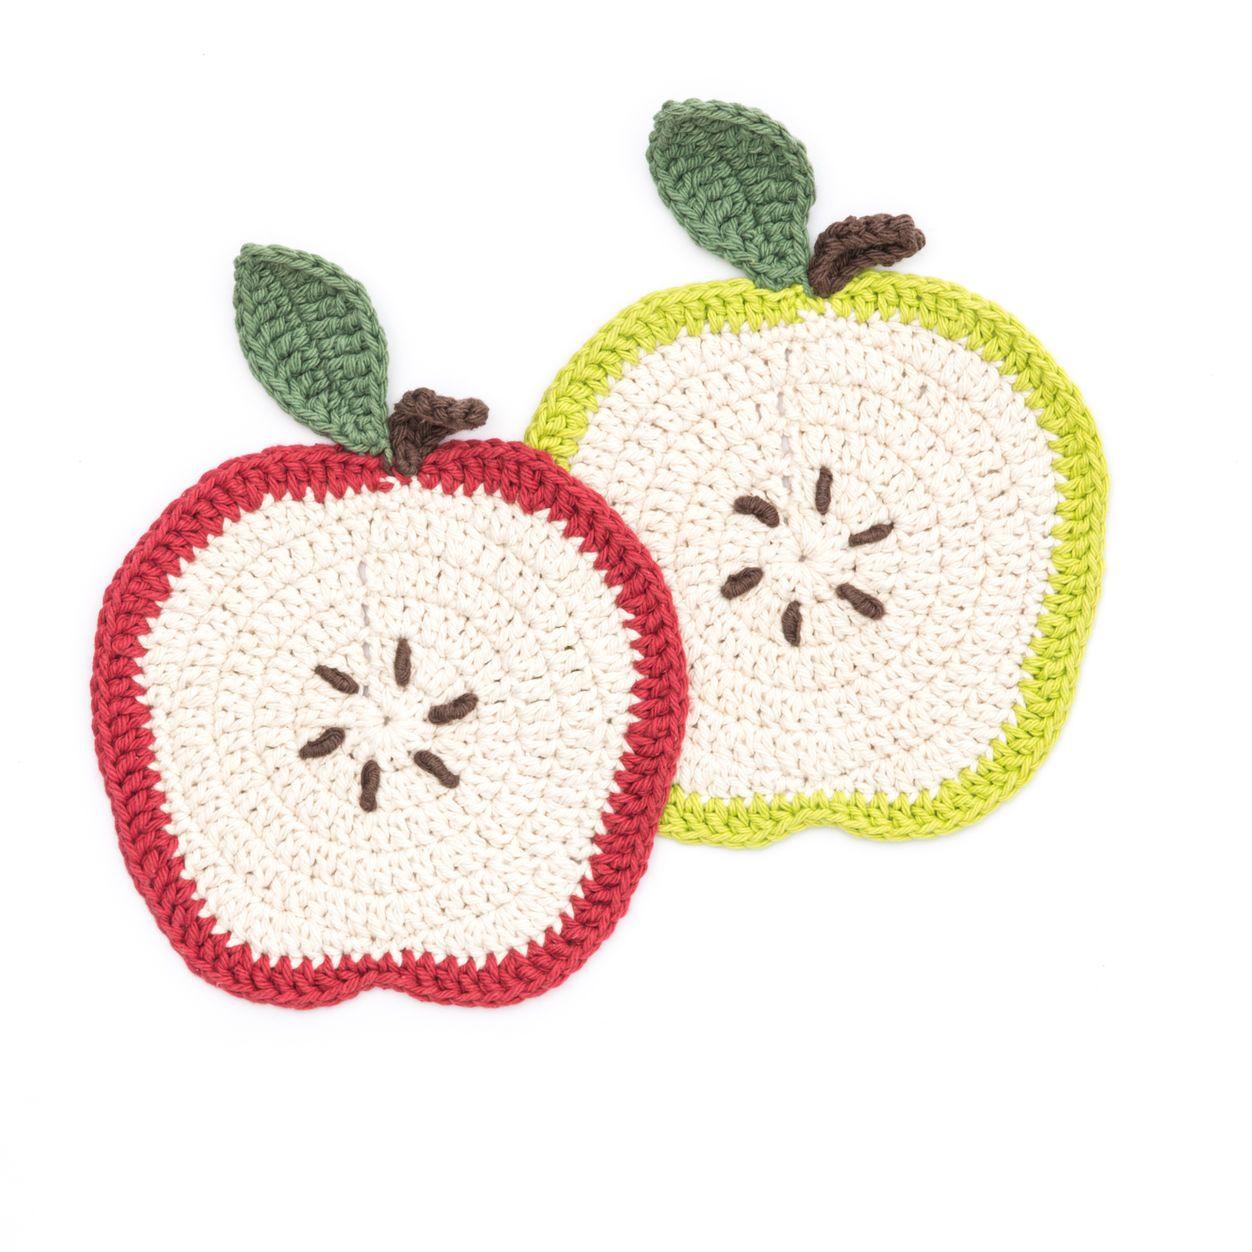 Lily Sugar'n Cream Apple a Day Dishcloth Crochet apple